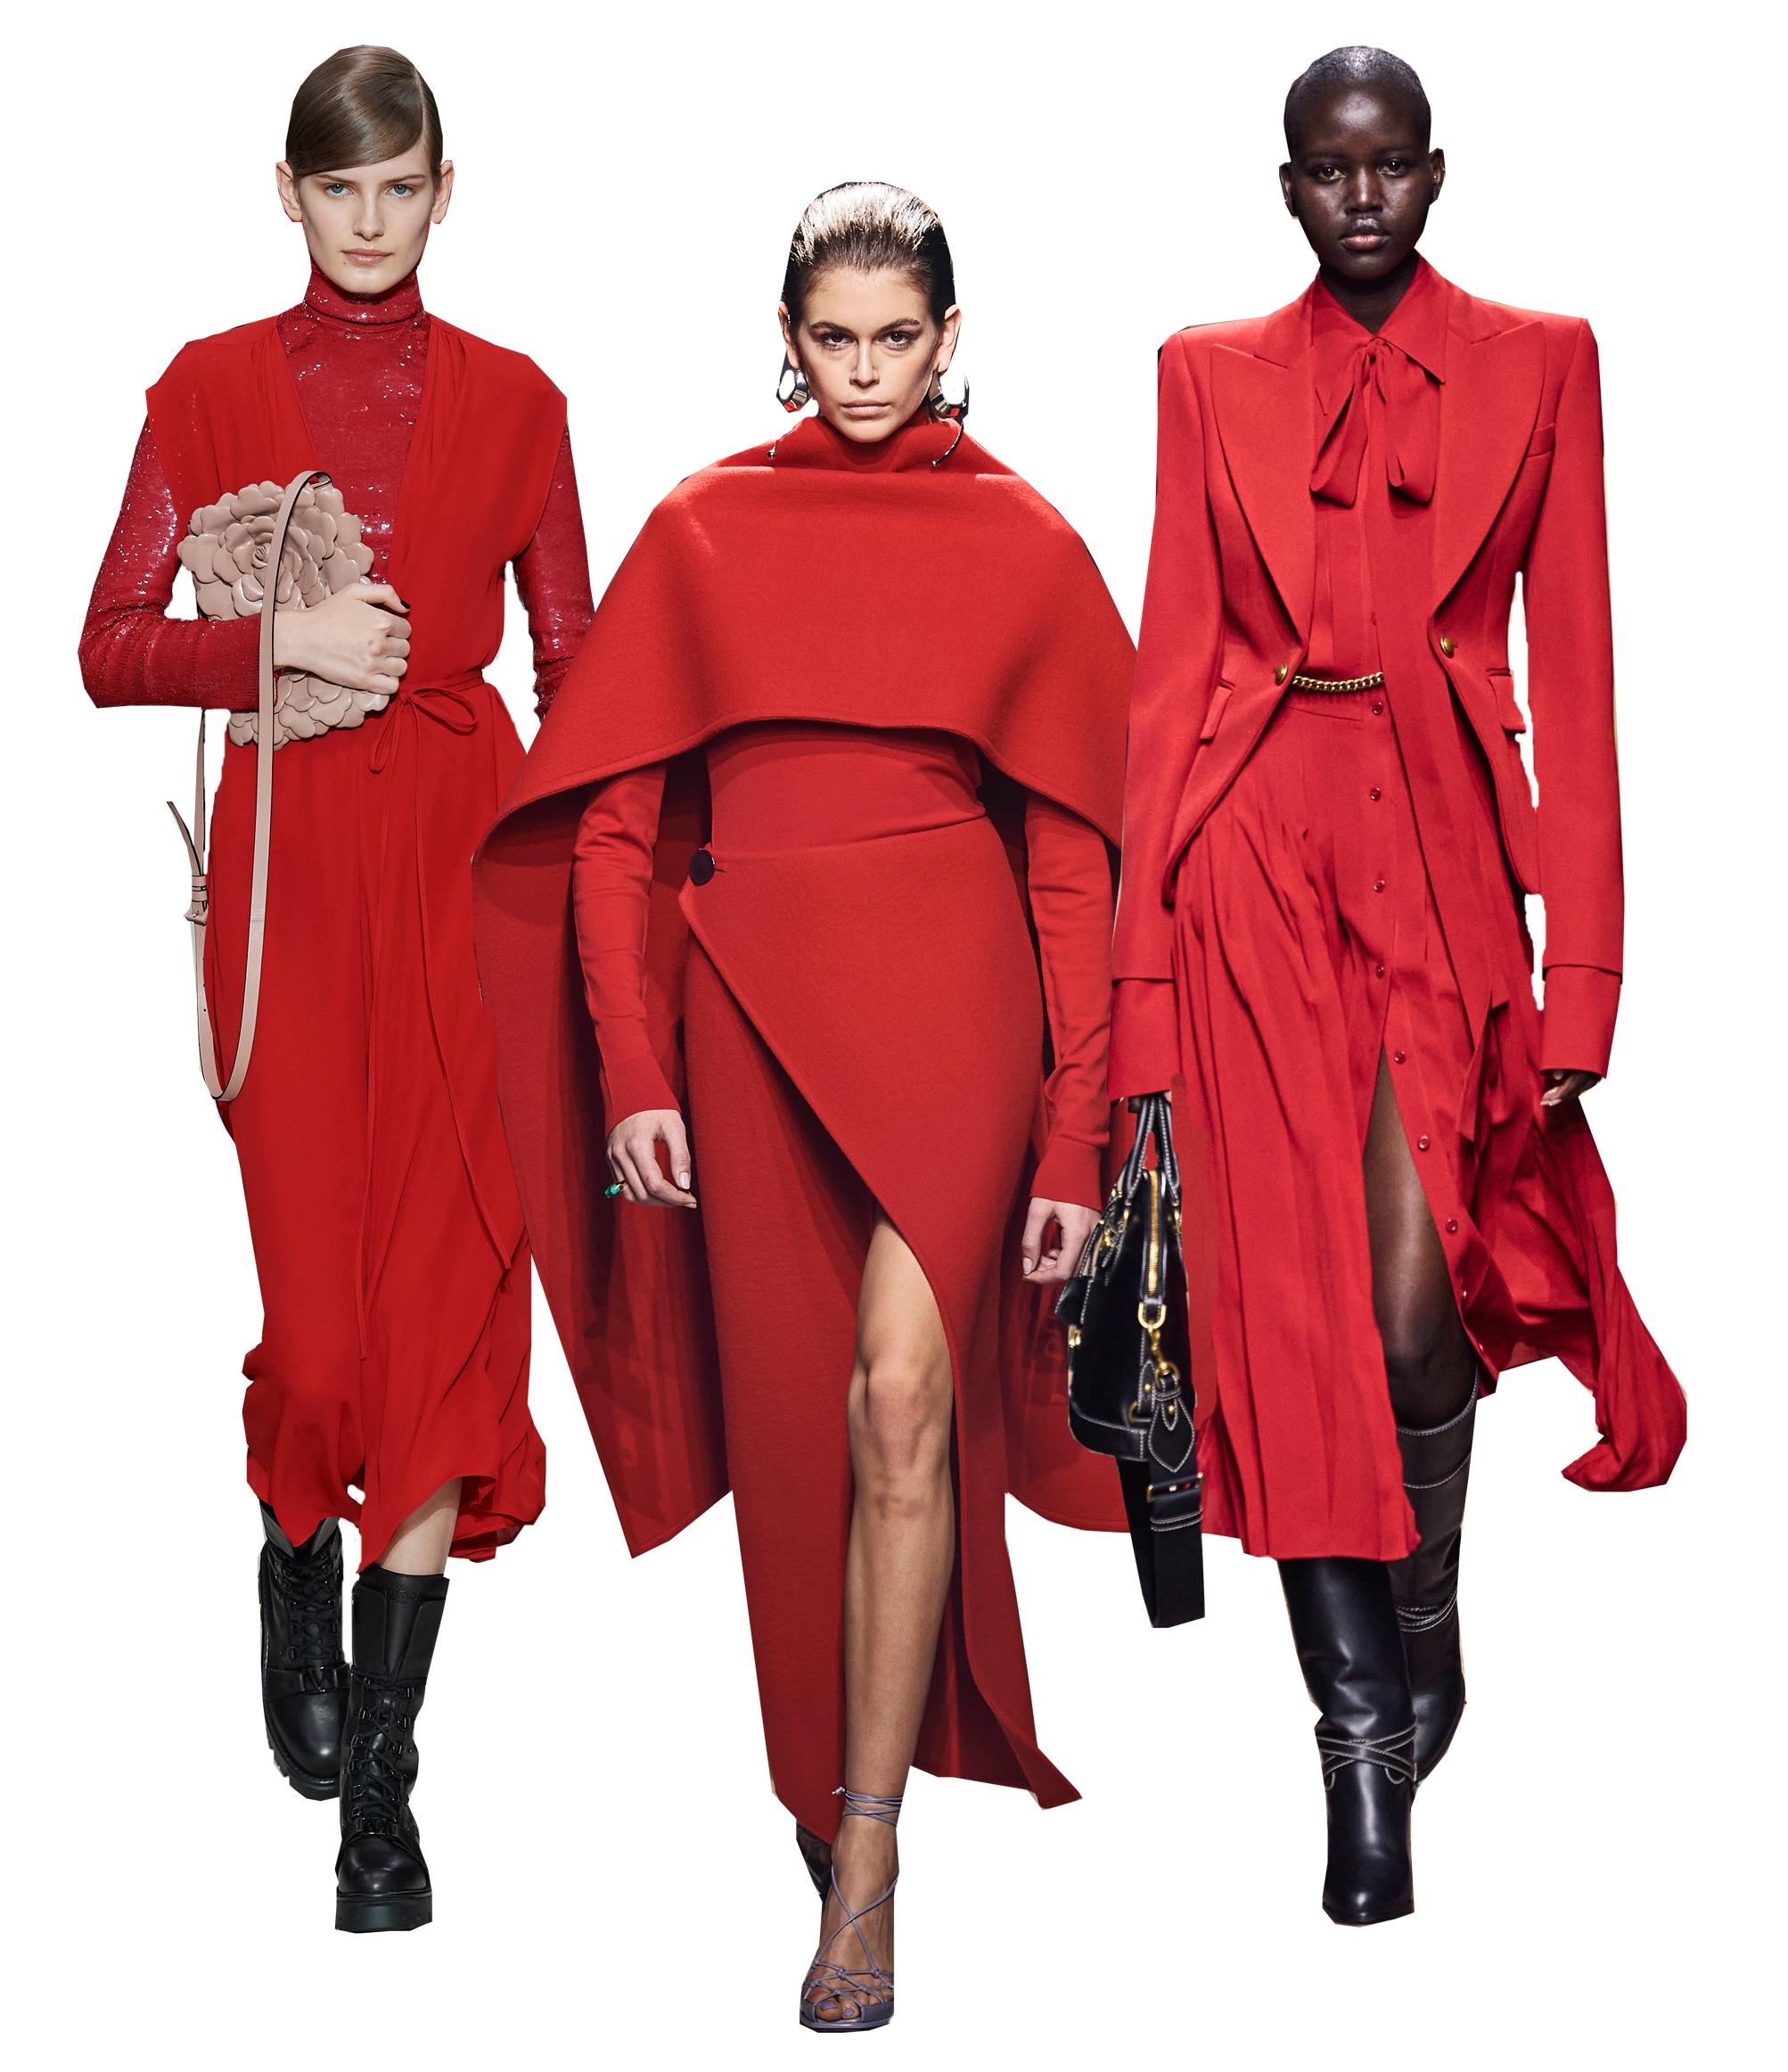 Colecciones otoño-invierno 2020/2021 de Valentino, Givenchy y Michael Kors/Imaxtree.